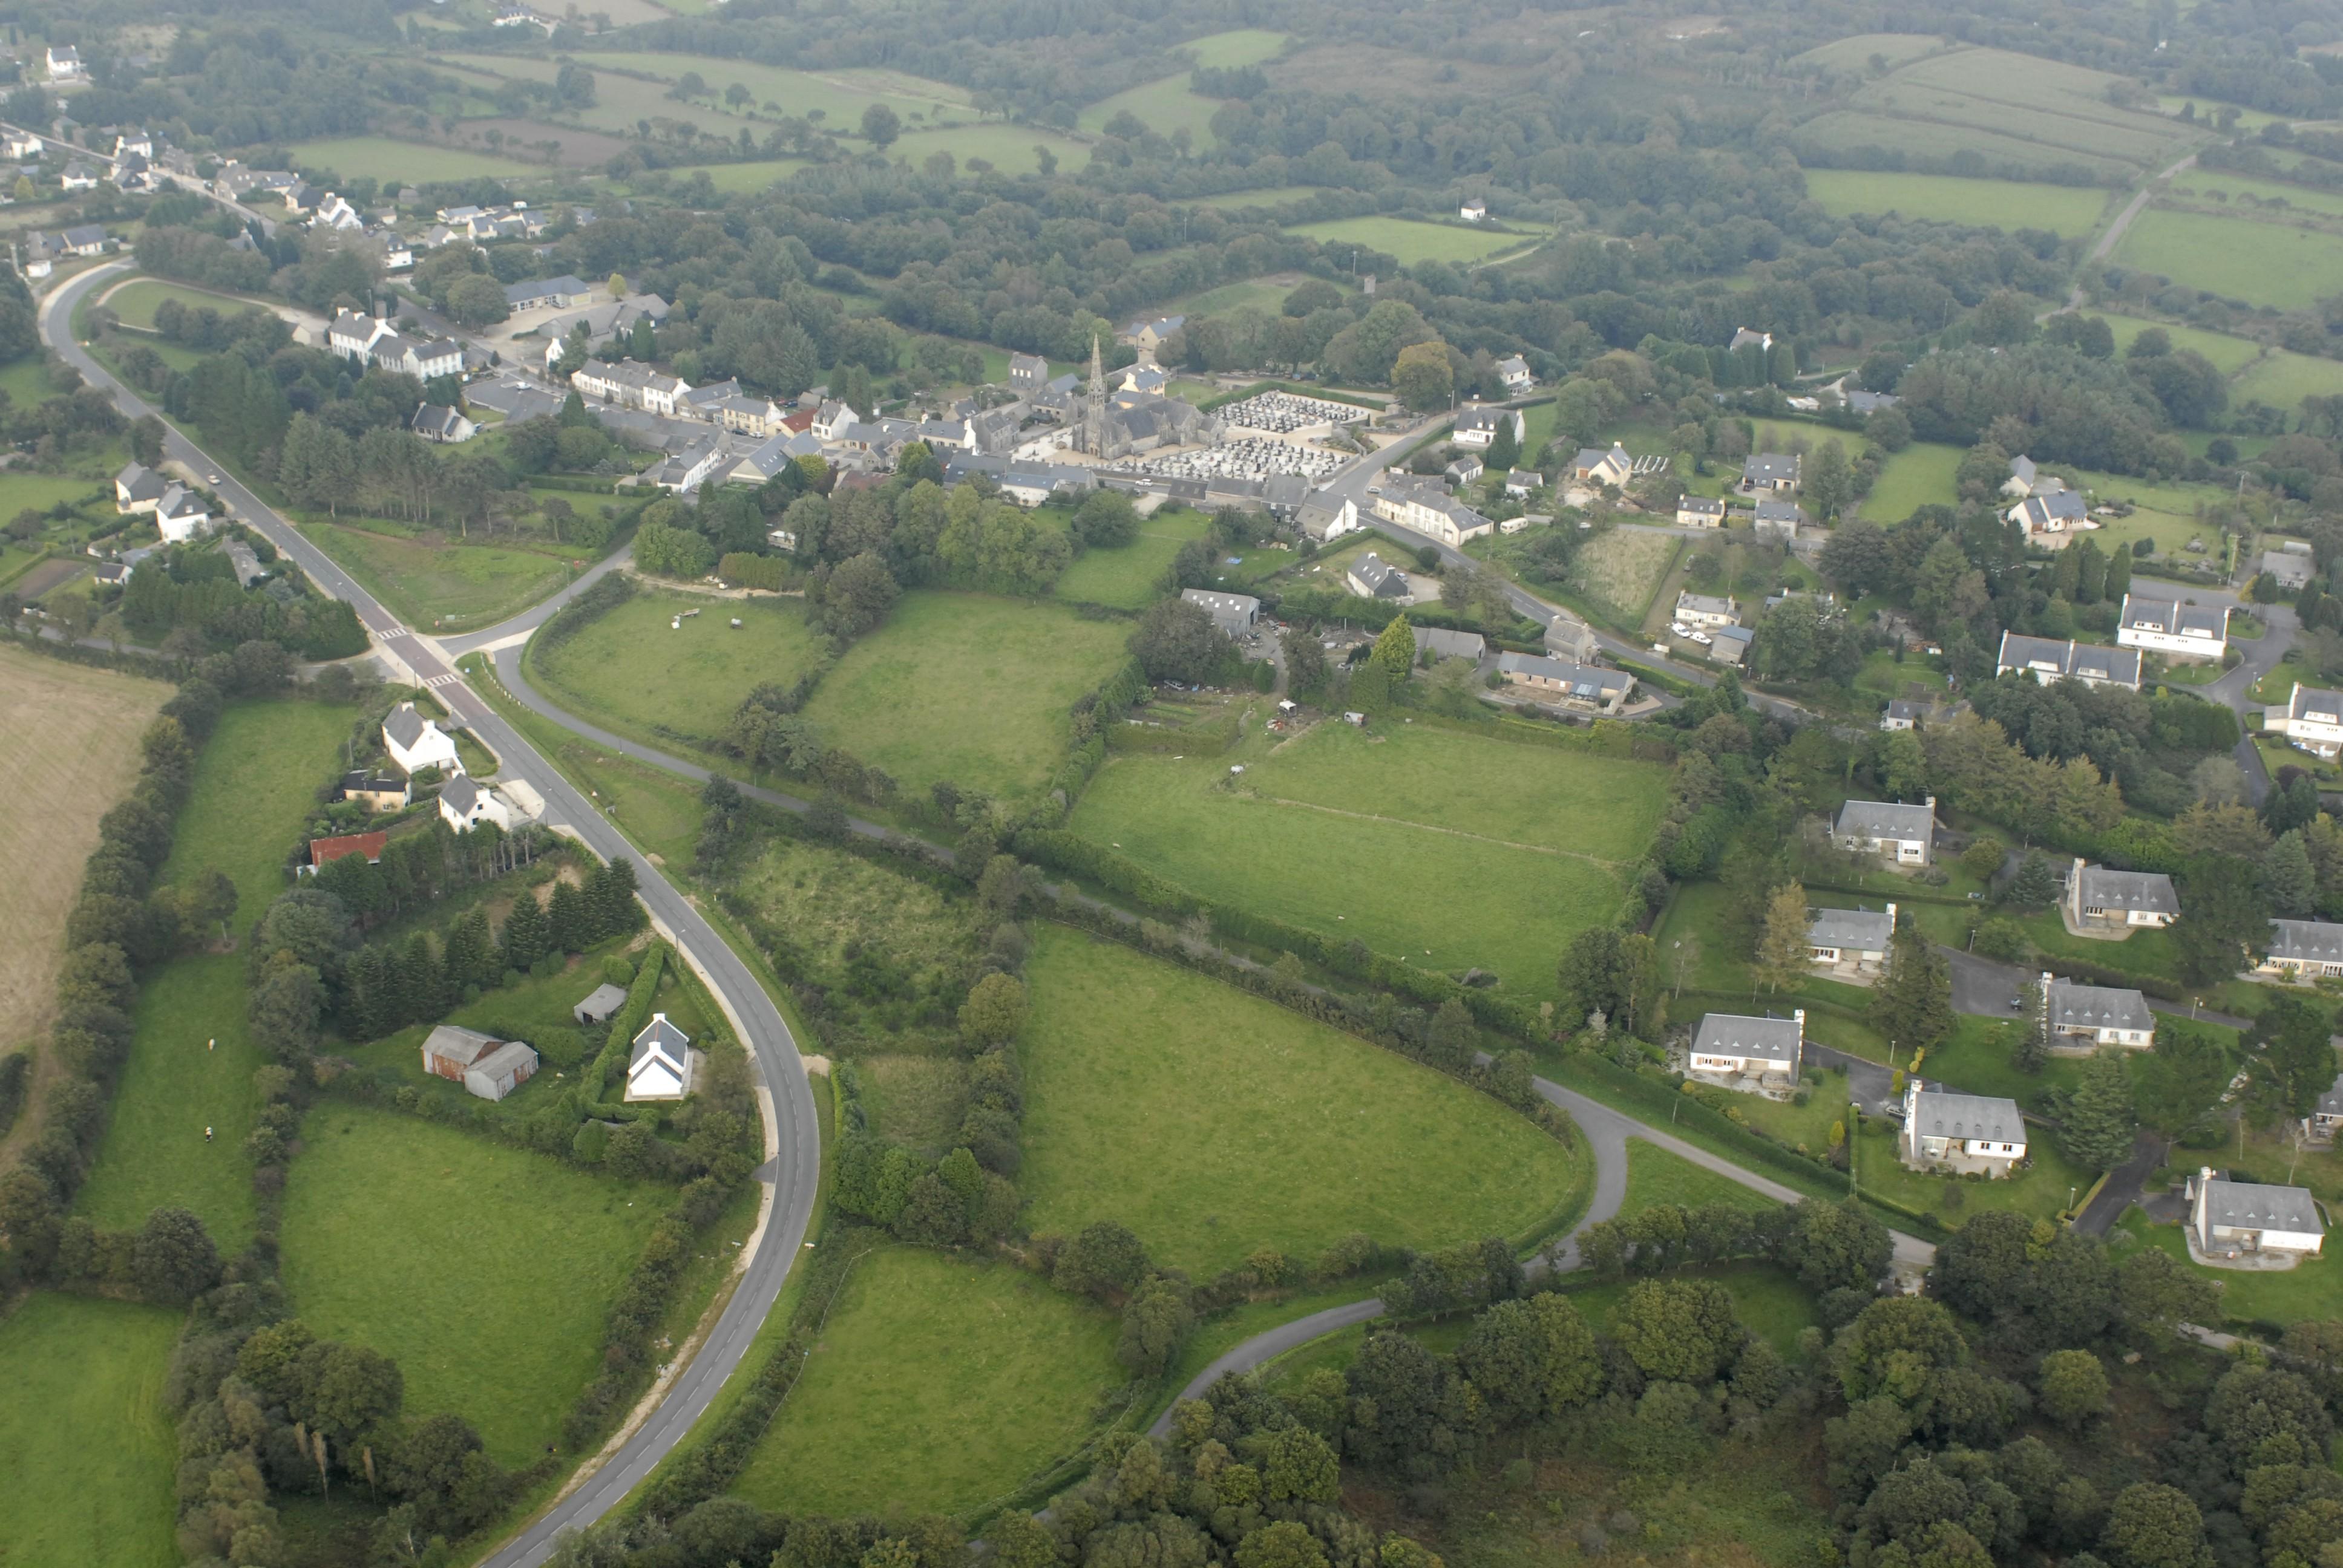 Vue aérienne du bourg prise depuis le sud-ouest